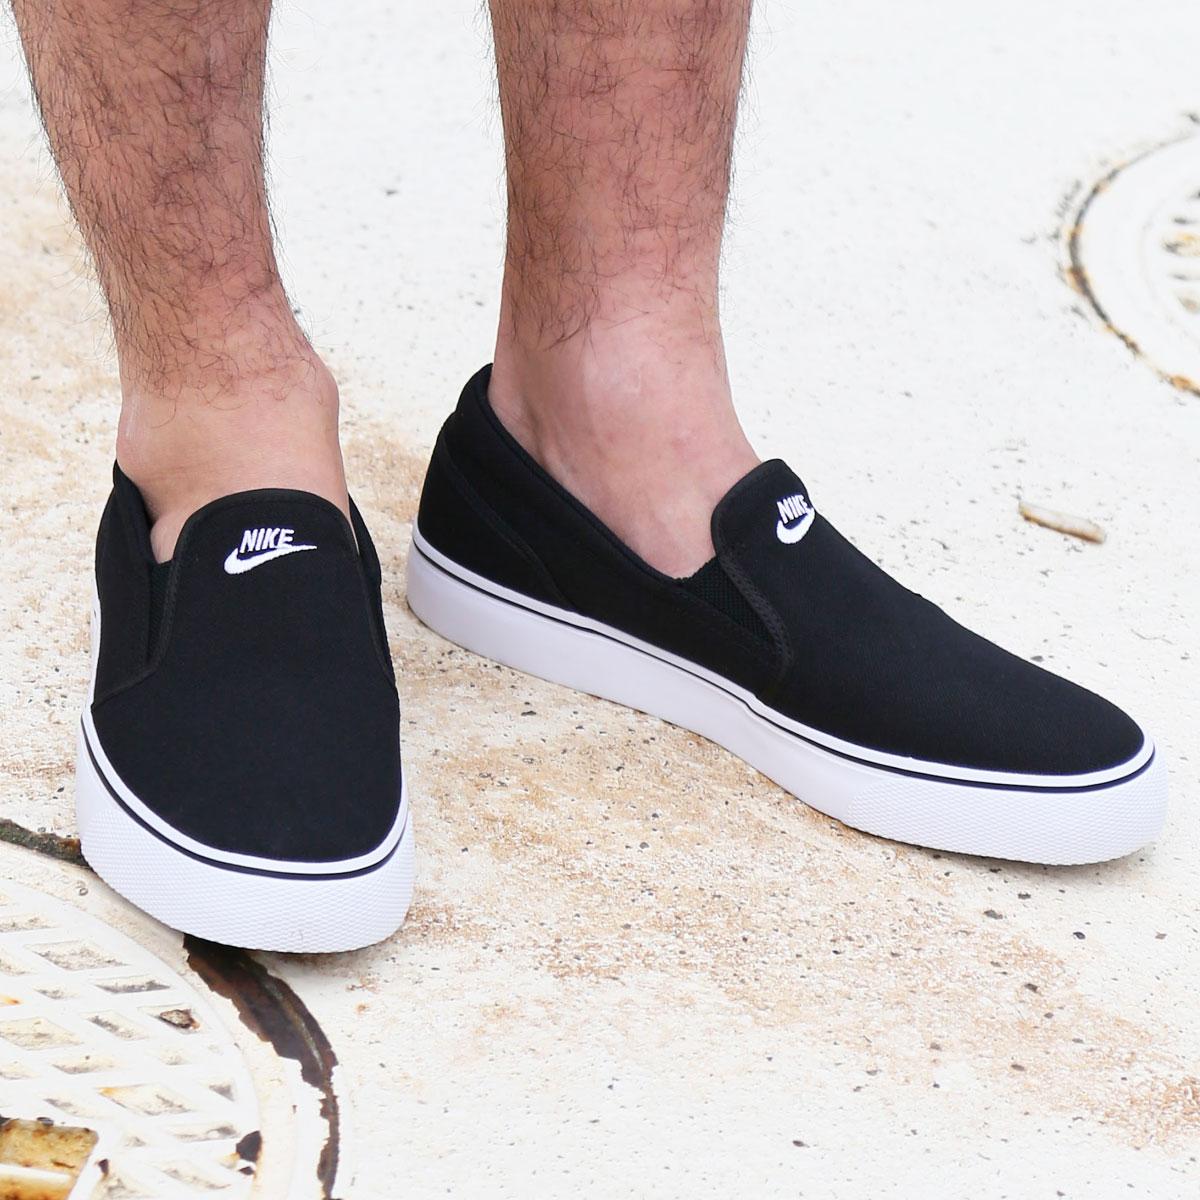 d821067887e6 NIKE WMNS TOKI SLIP CANVAS (Nike women Toki slip canvas) BLACK WHITE CRYOVR